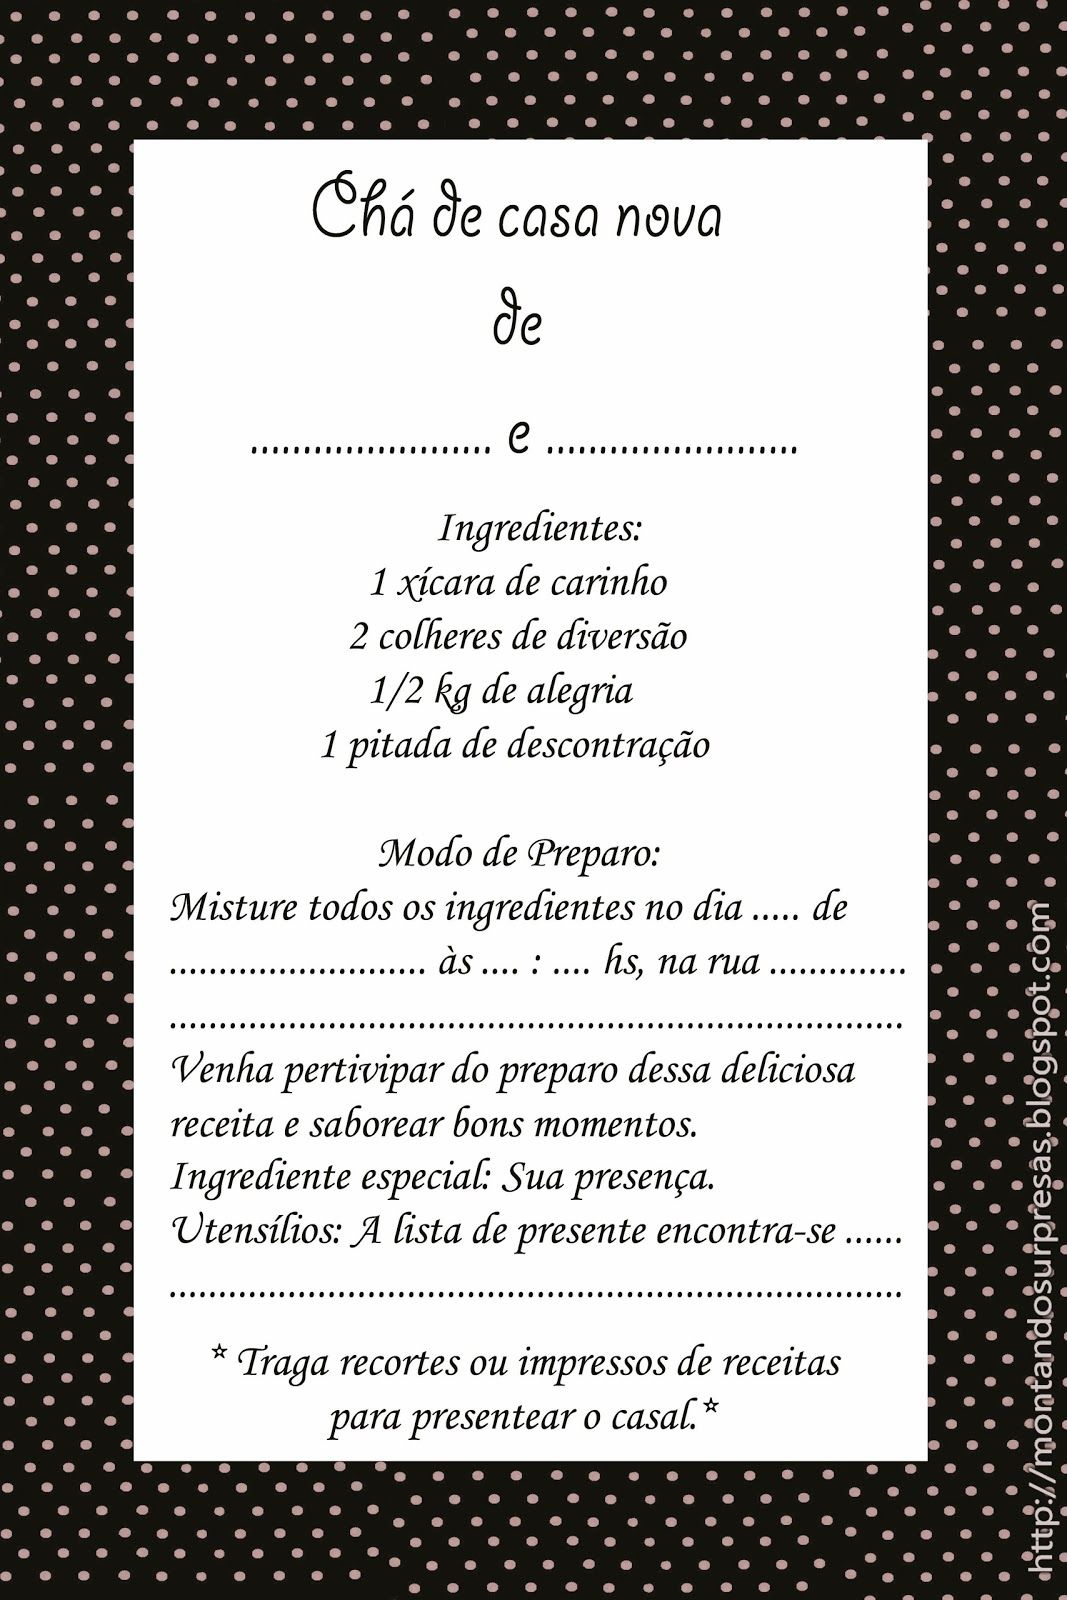 Montando Surpresas Convite Ch De Casa Nova Gratuito Ch De